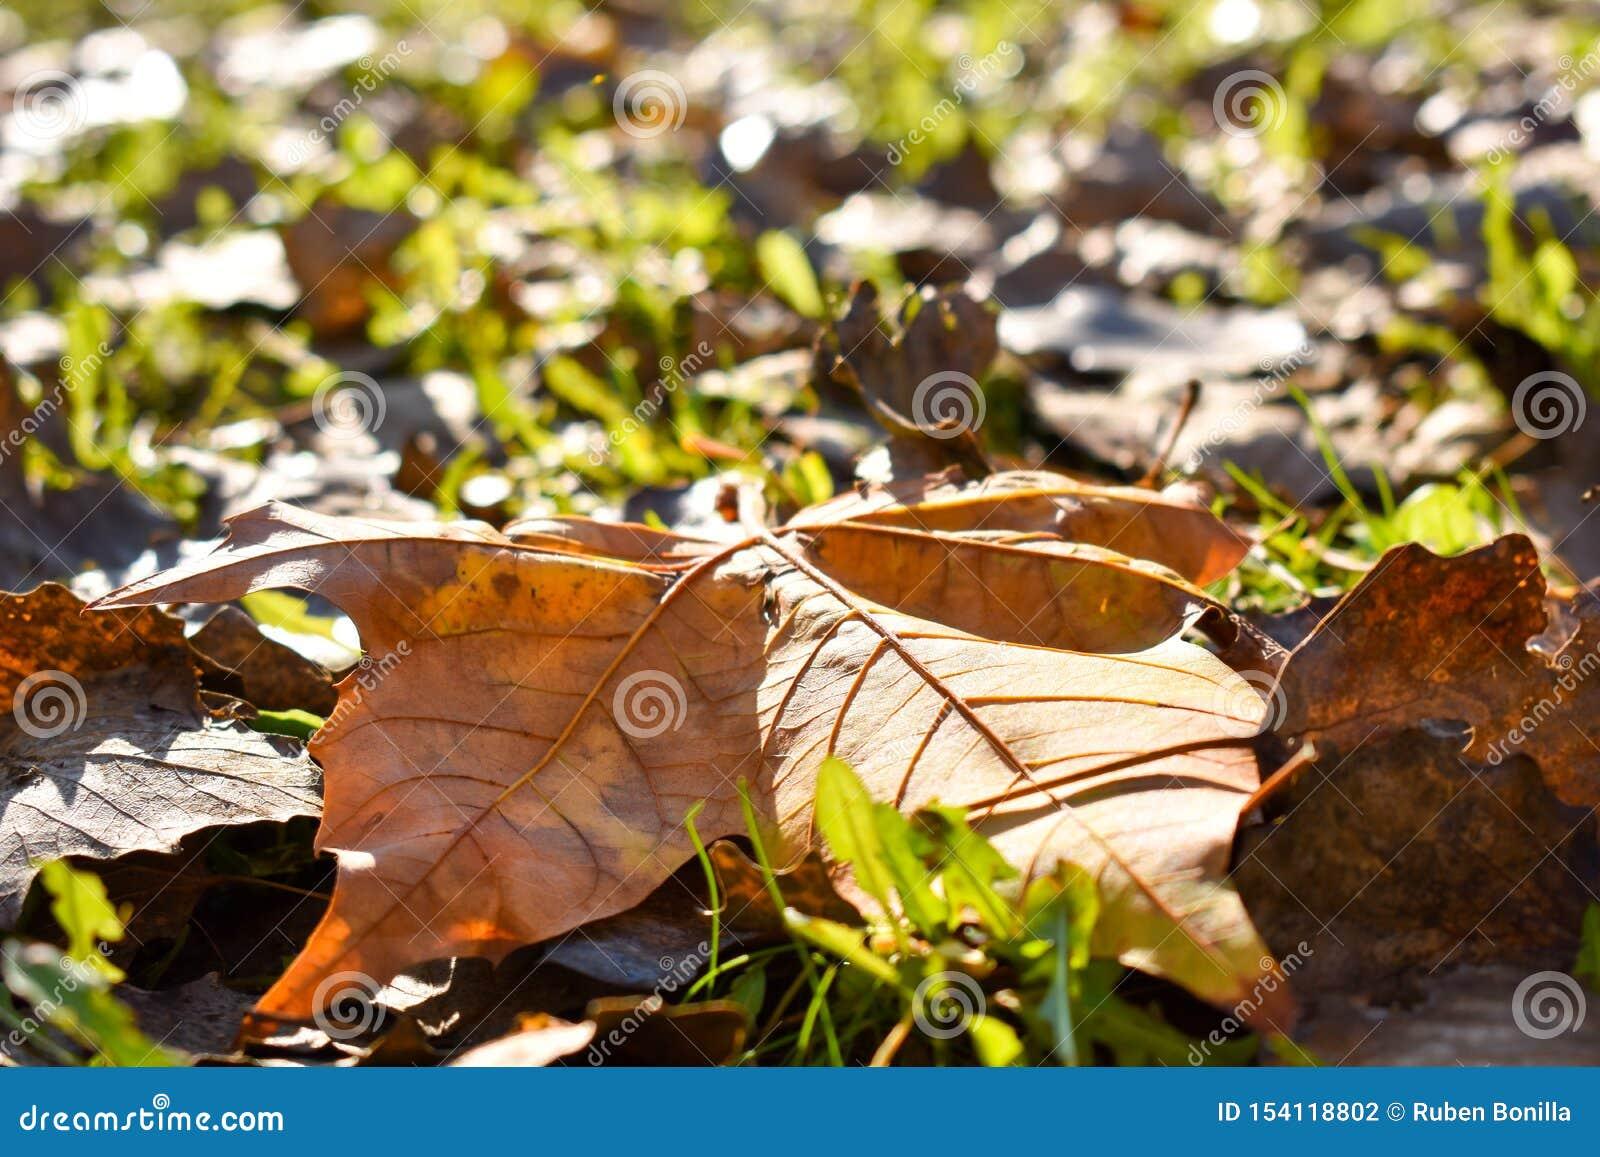 близкий вверх лист сухого клена оранжевых на зеленой траве в сцене дня падения Лист падали на другие сухие листья и